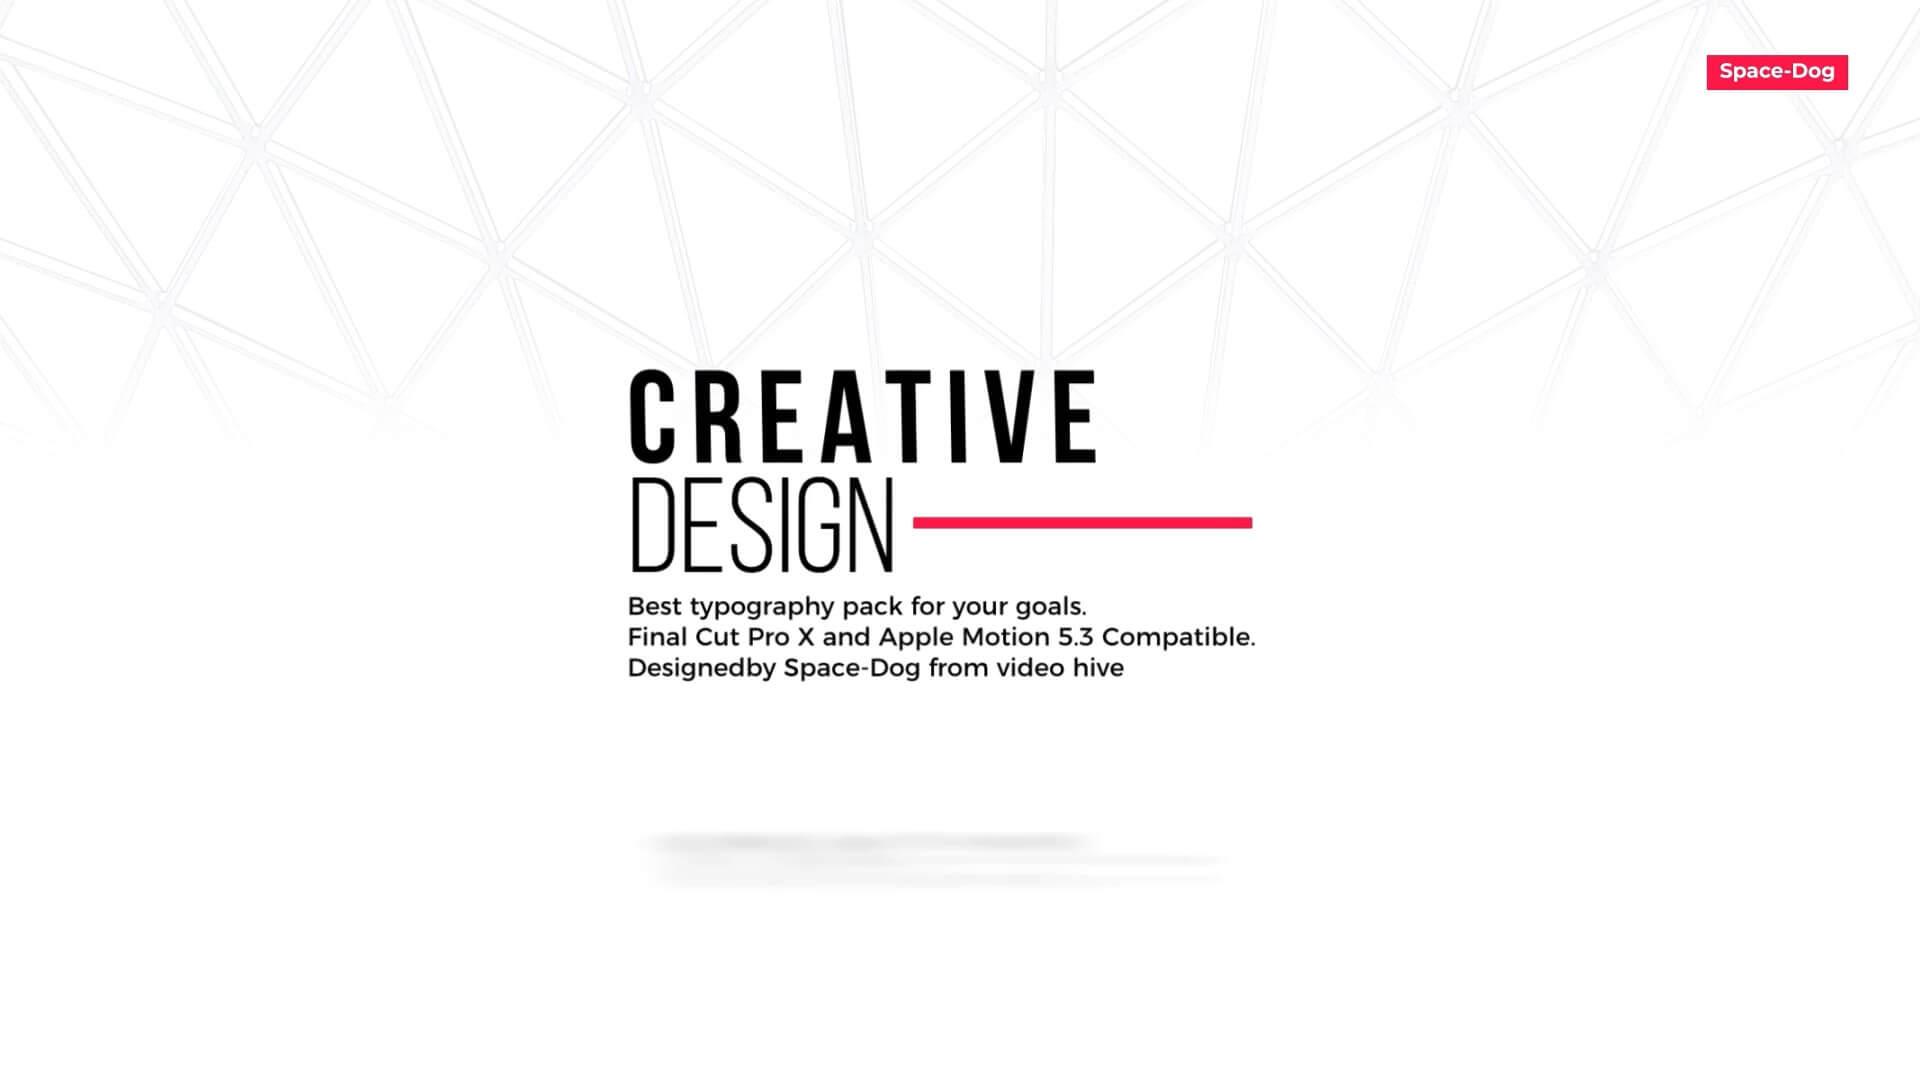 Fcpx标题插件 30个简洁现代公司商务风格迷你字幕条